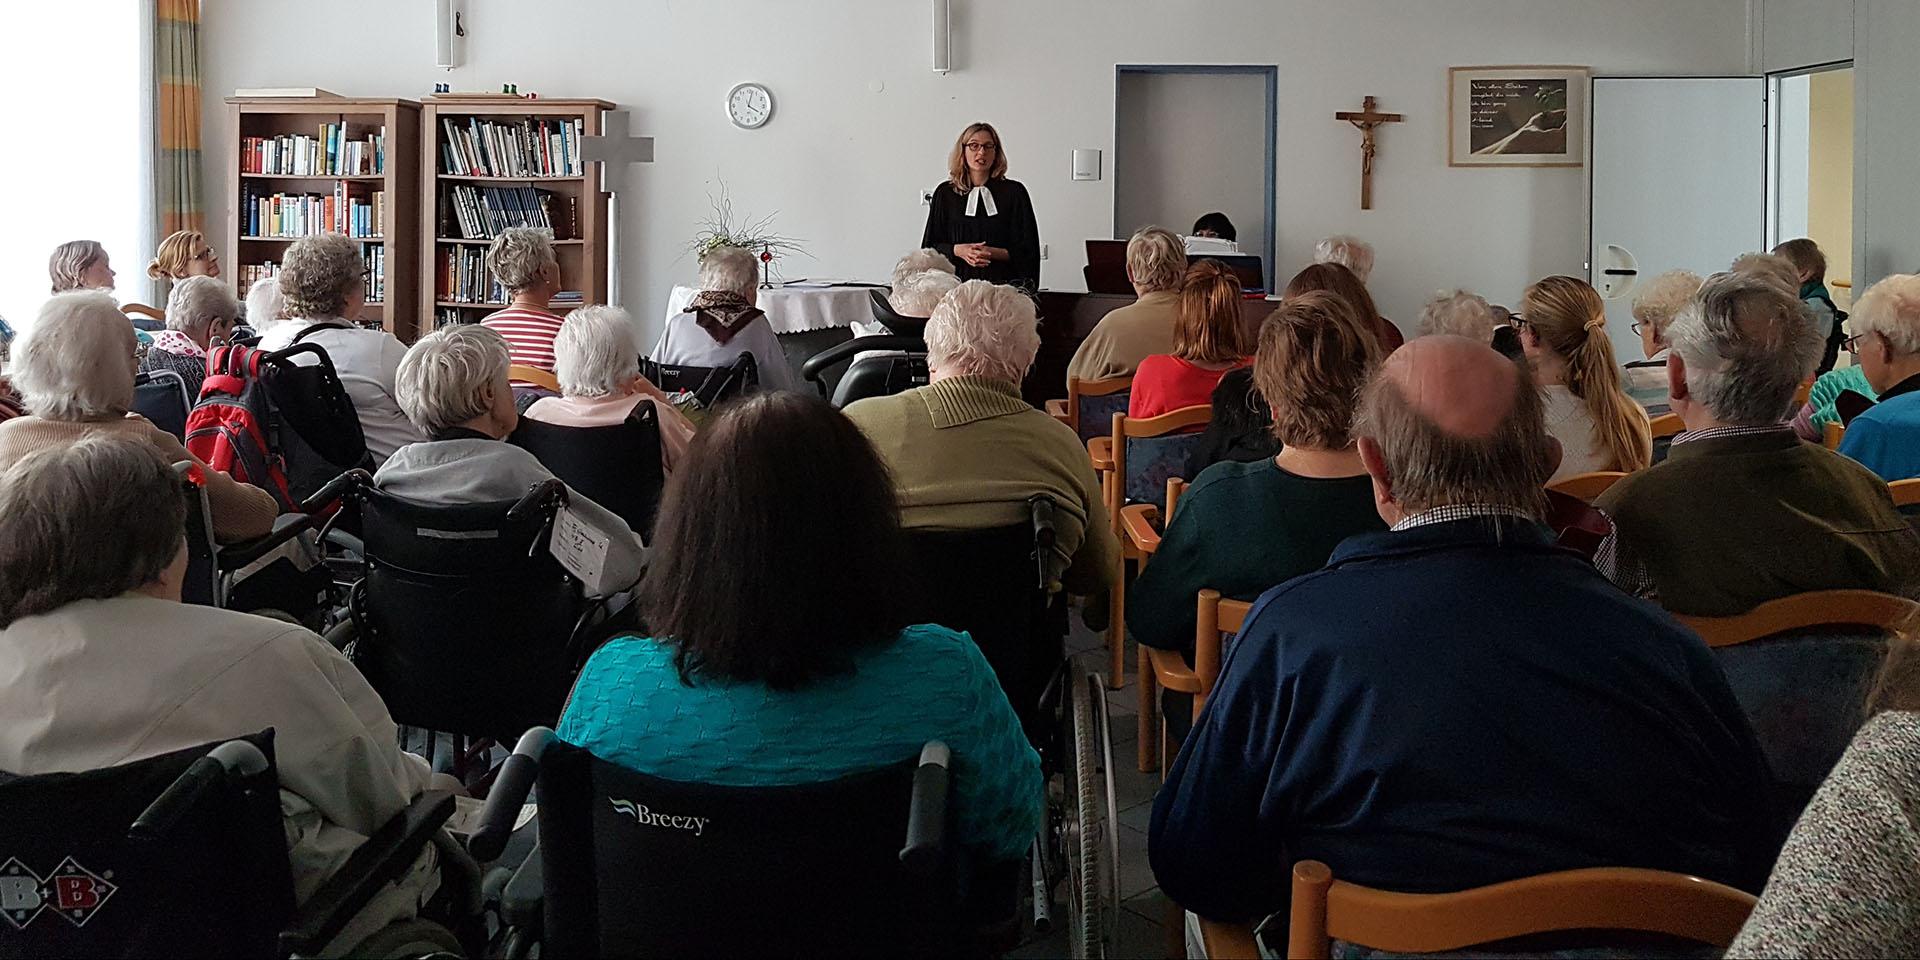 Die ehemalige Altenheimseelsorgerin und jetzige Dekanin Nina Lubomierski beim Gottesdienst in einem Seniorenzentrum in Landshut